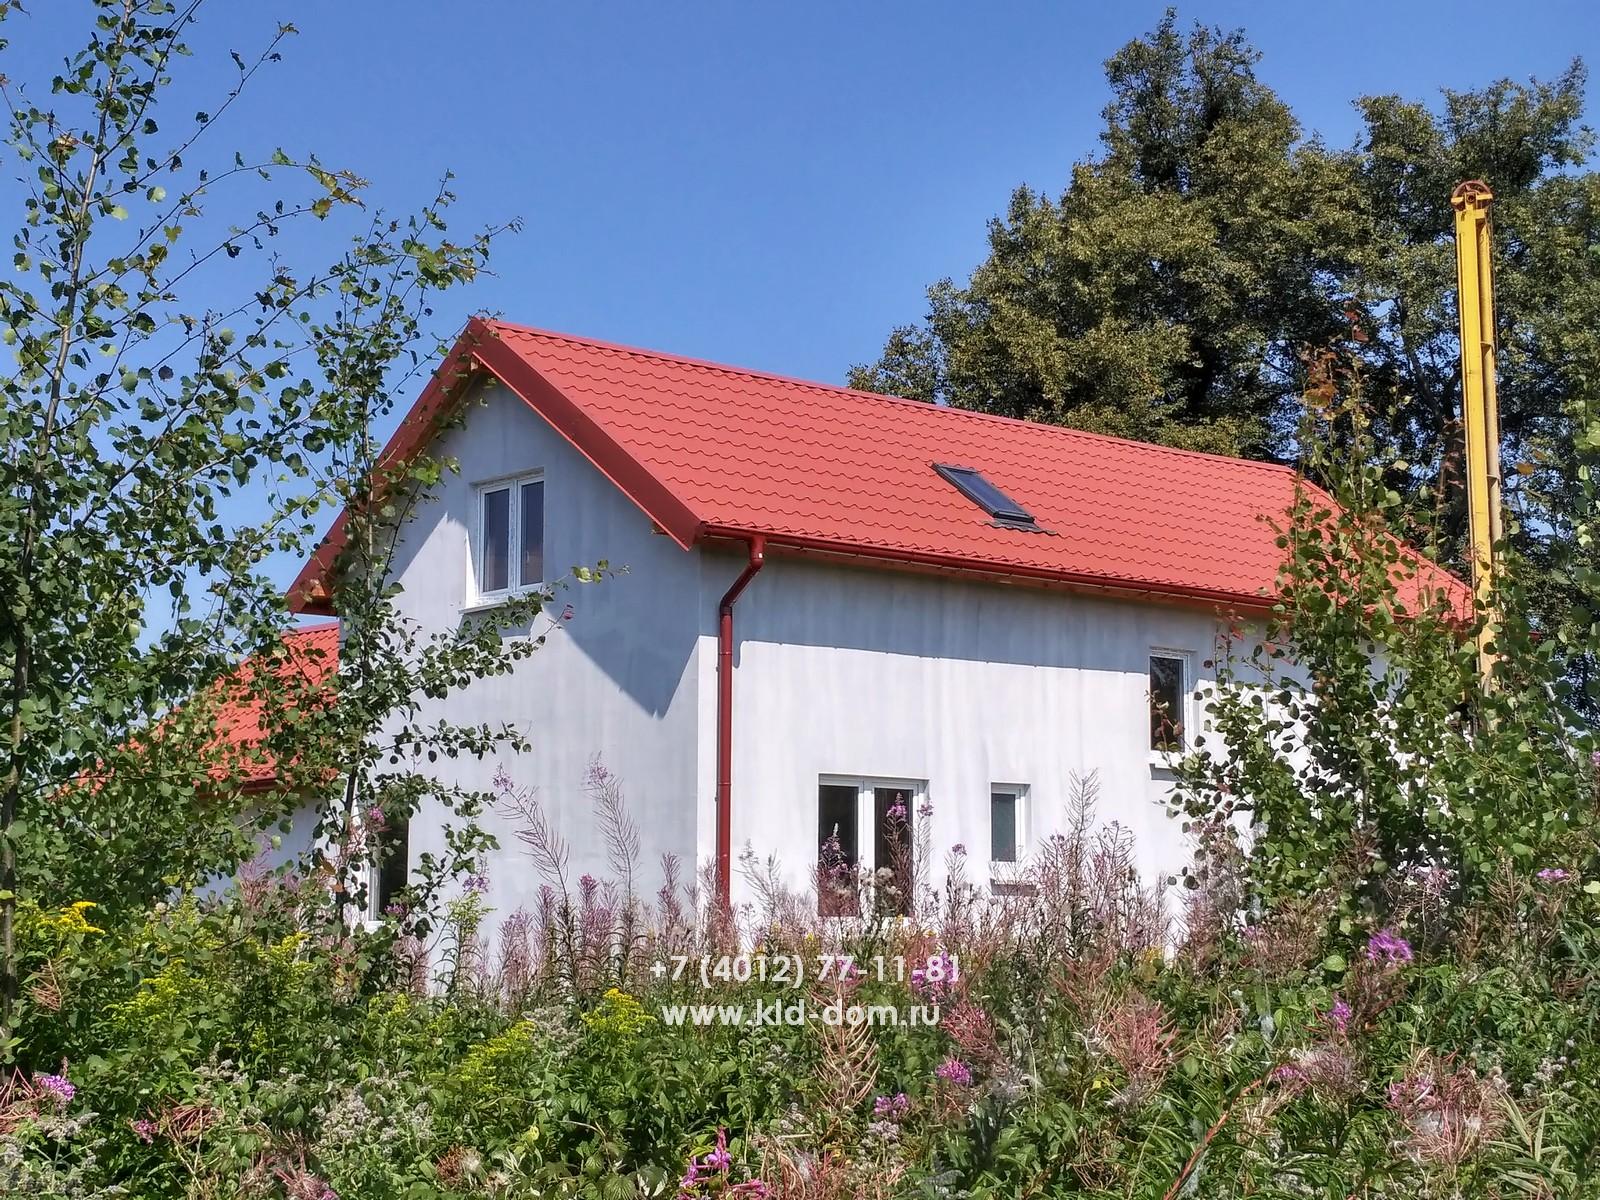 sip-dom-zaozerye-Kaliningrad-kanadskie52